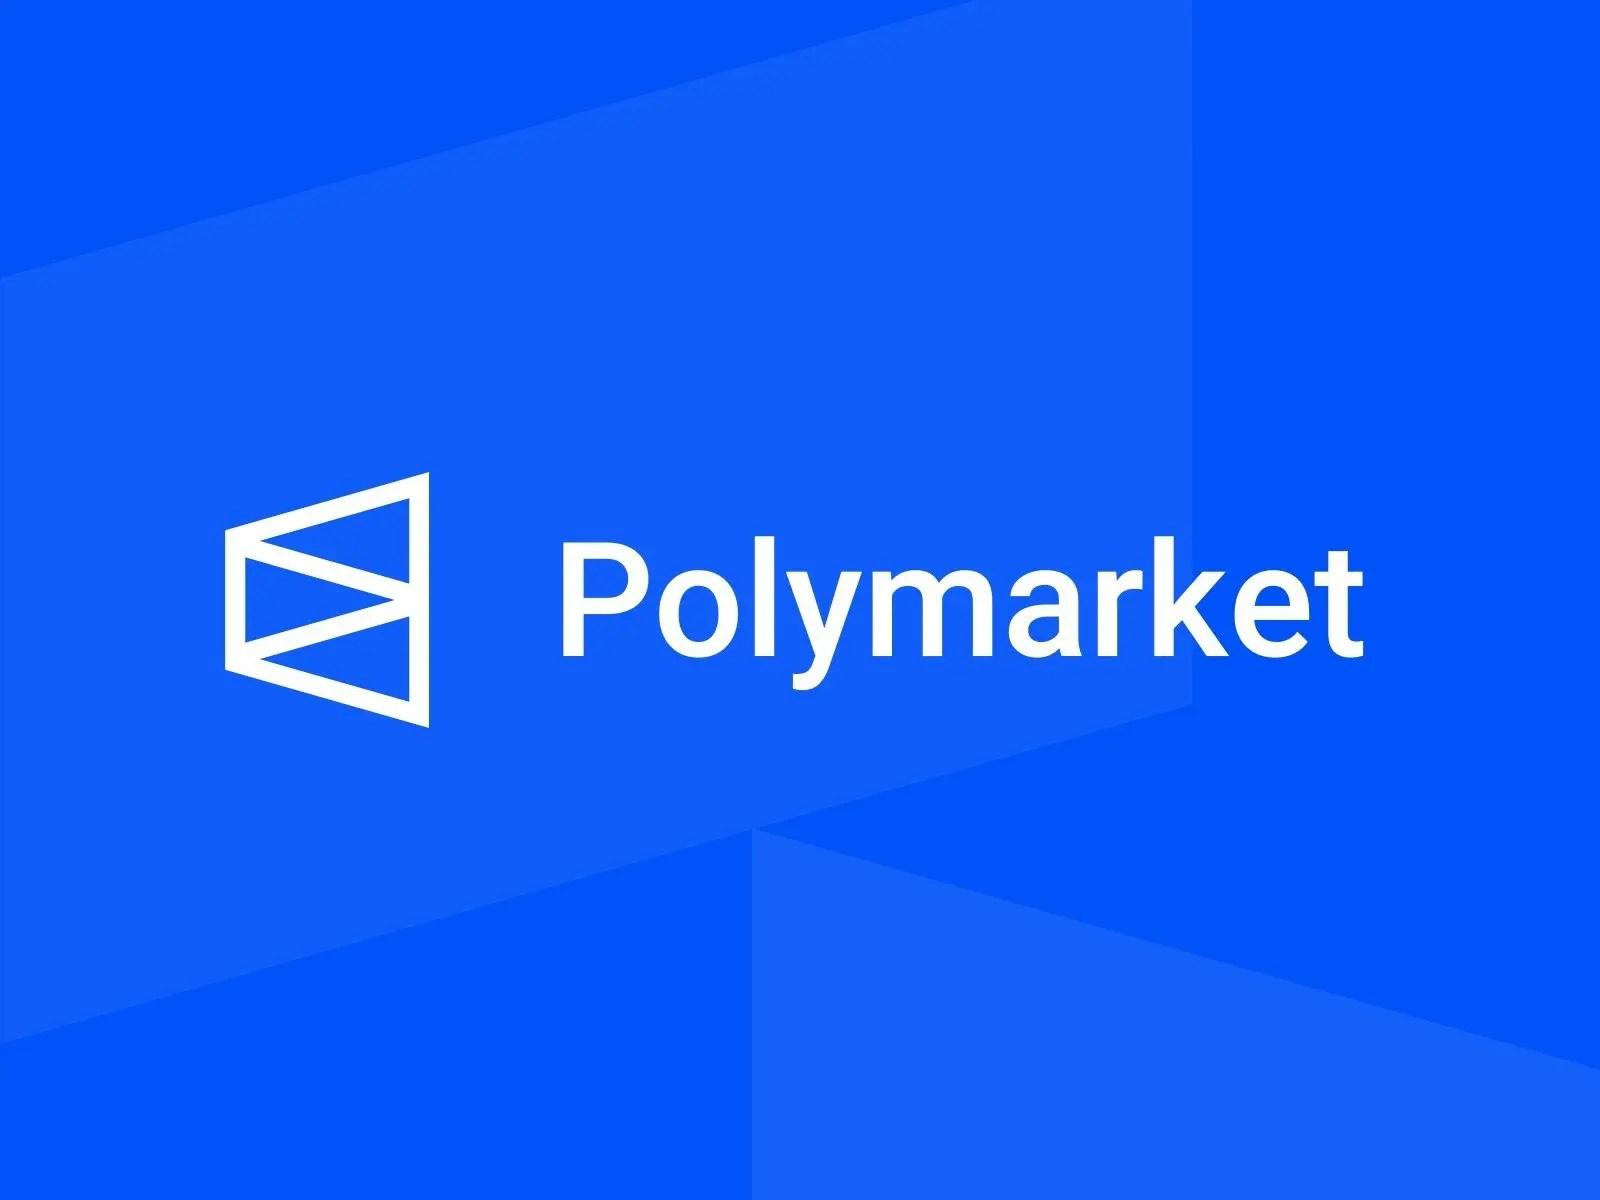 CFTC, Merkezi Olmayan Polymarket Platformu Hakkında Soruşturma Başlattı